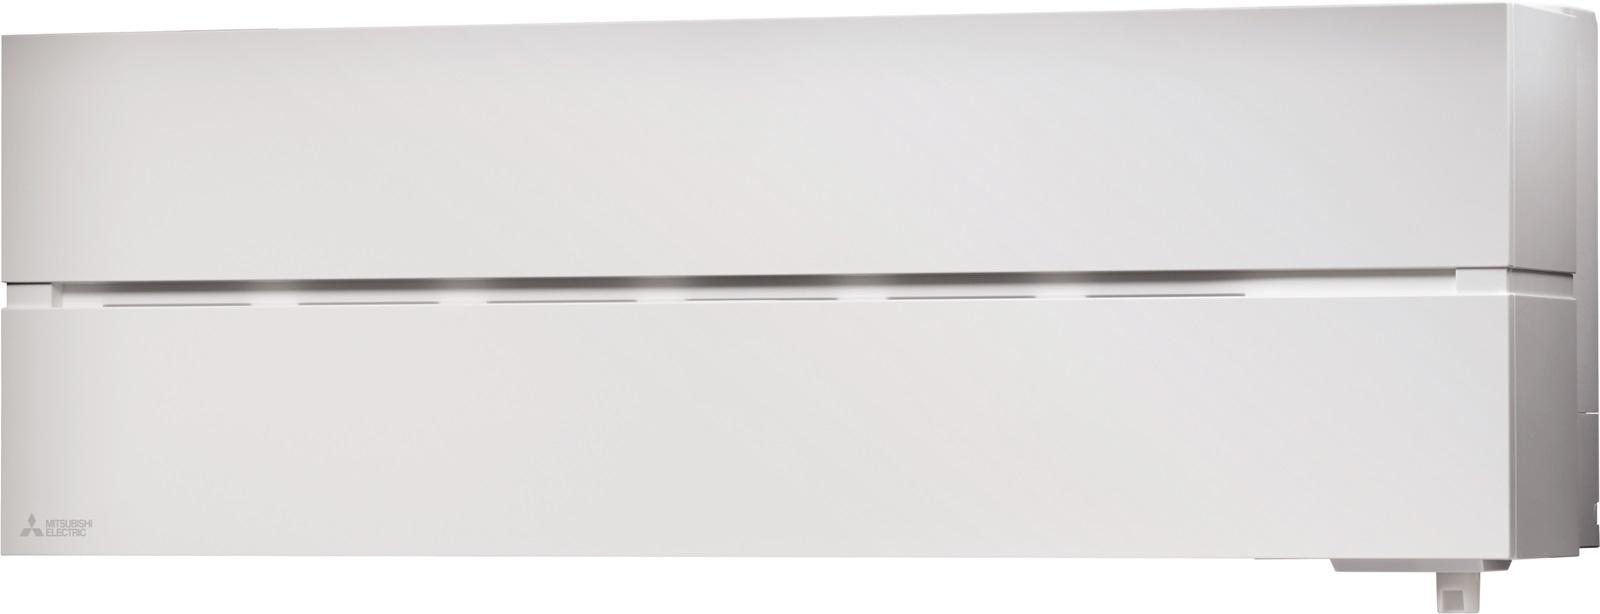 klimatska-naprava-mitsubishi-msz-ln-luxury